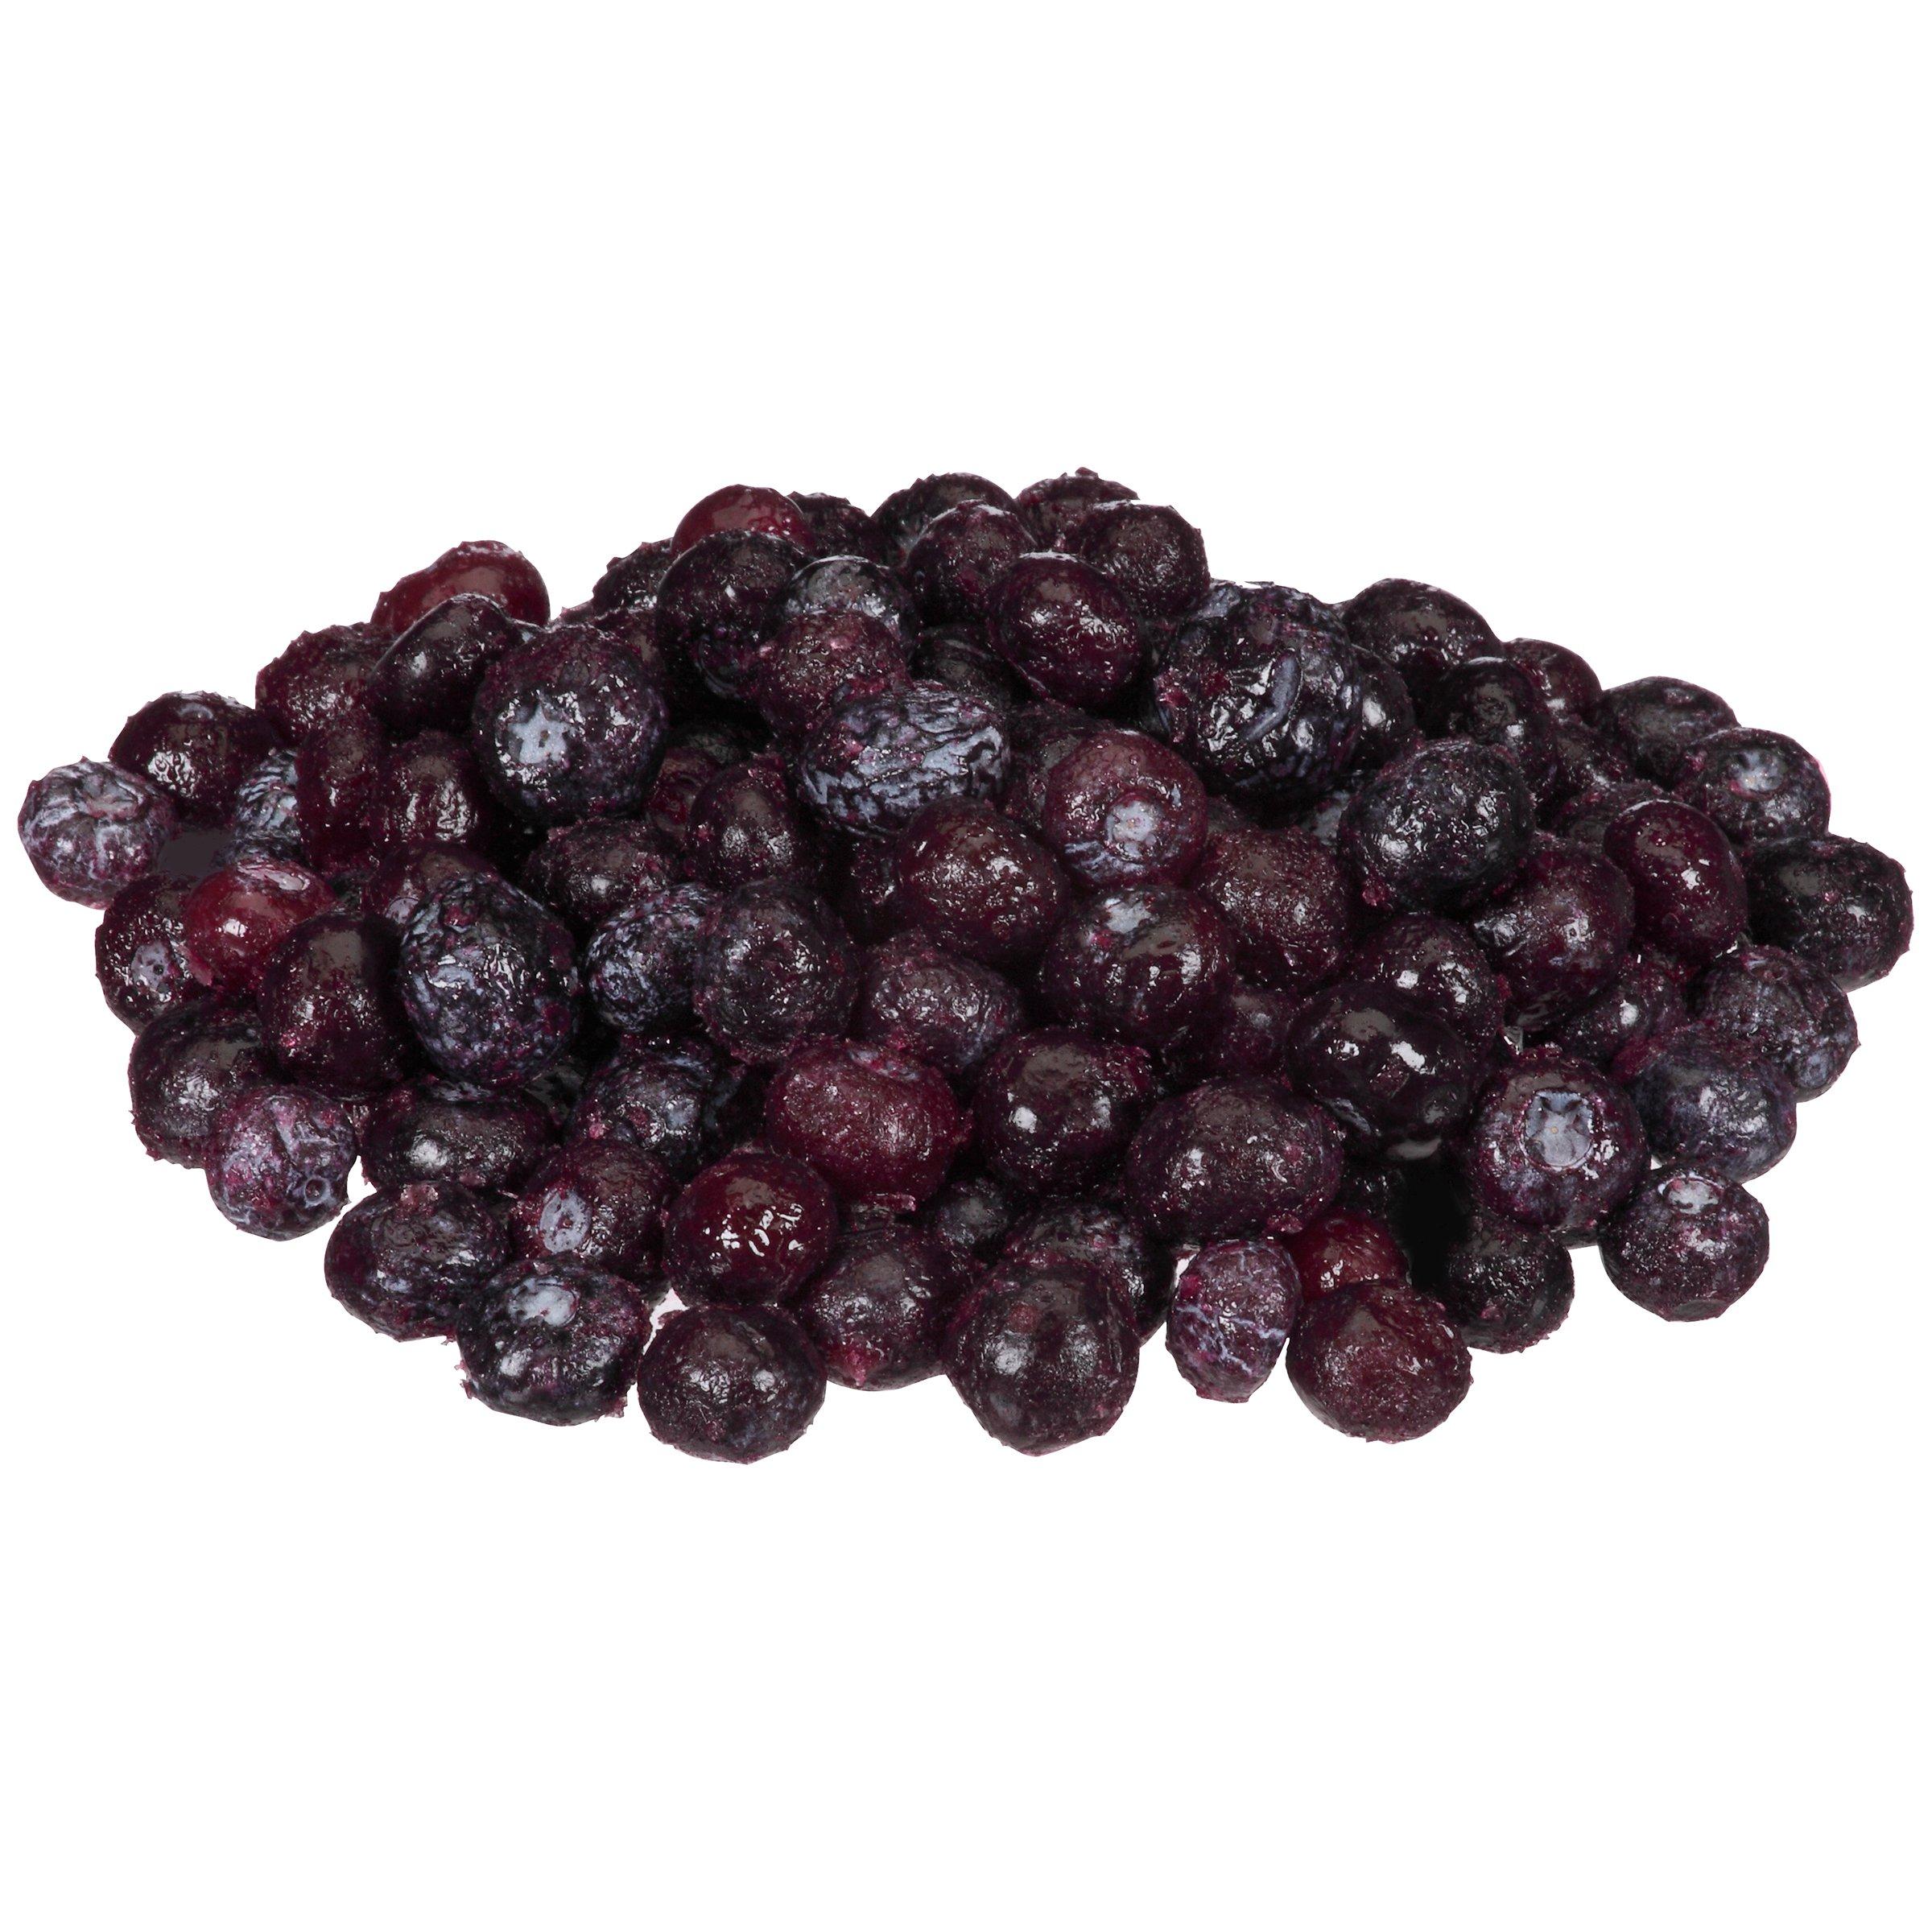 Dole Whole Blueberries, 5 lb, (2 count)